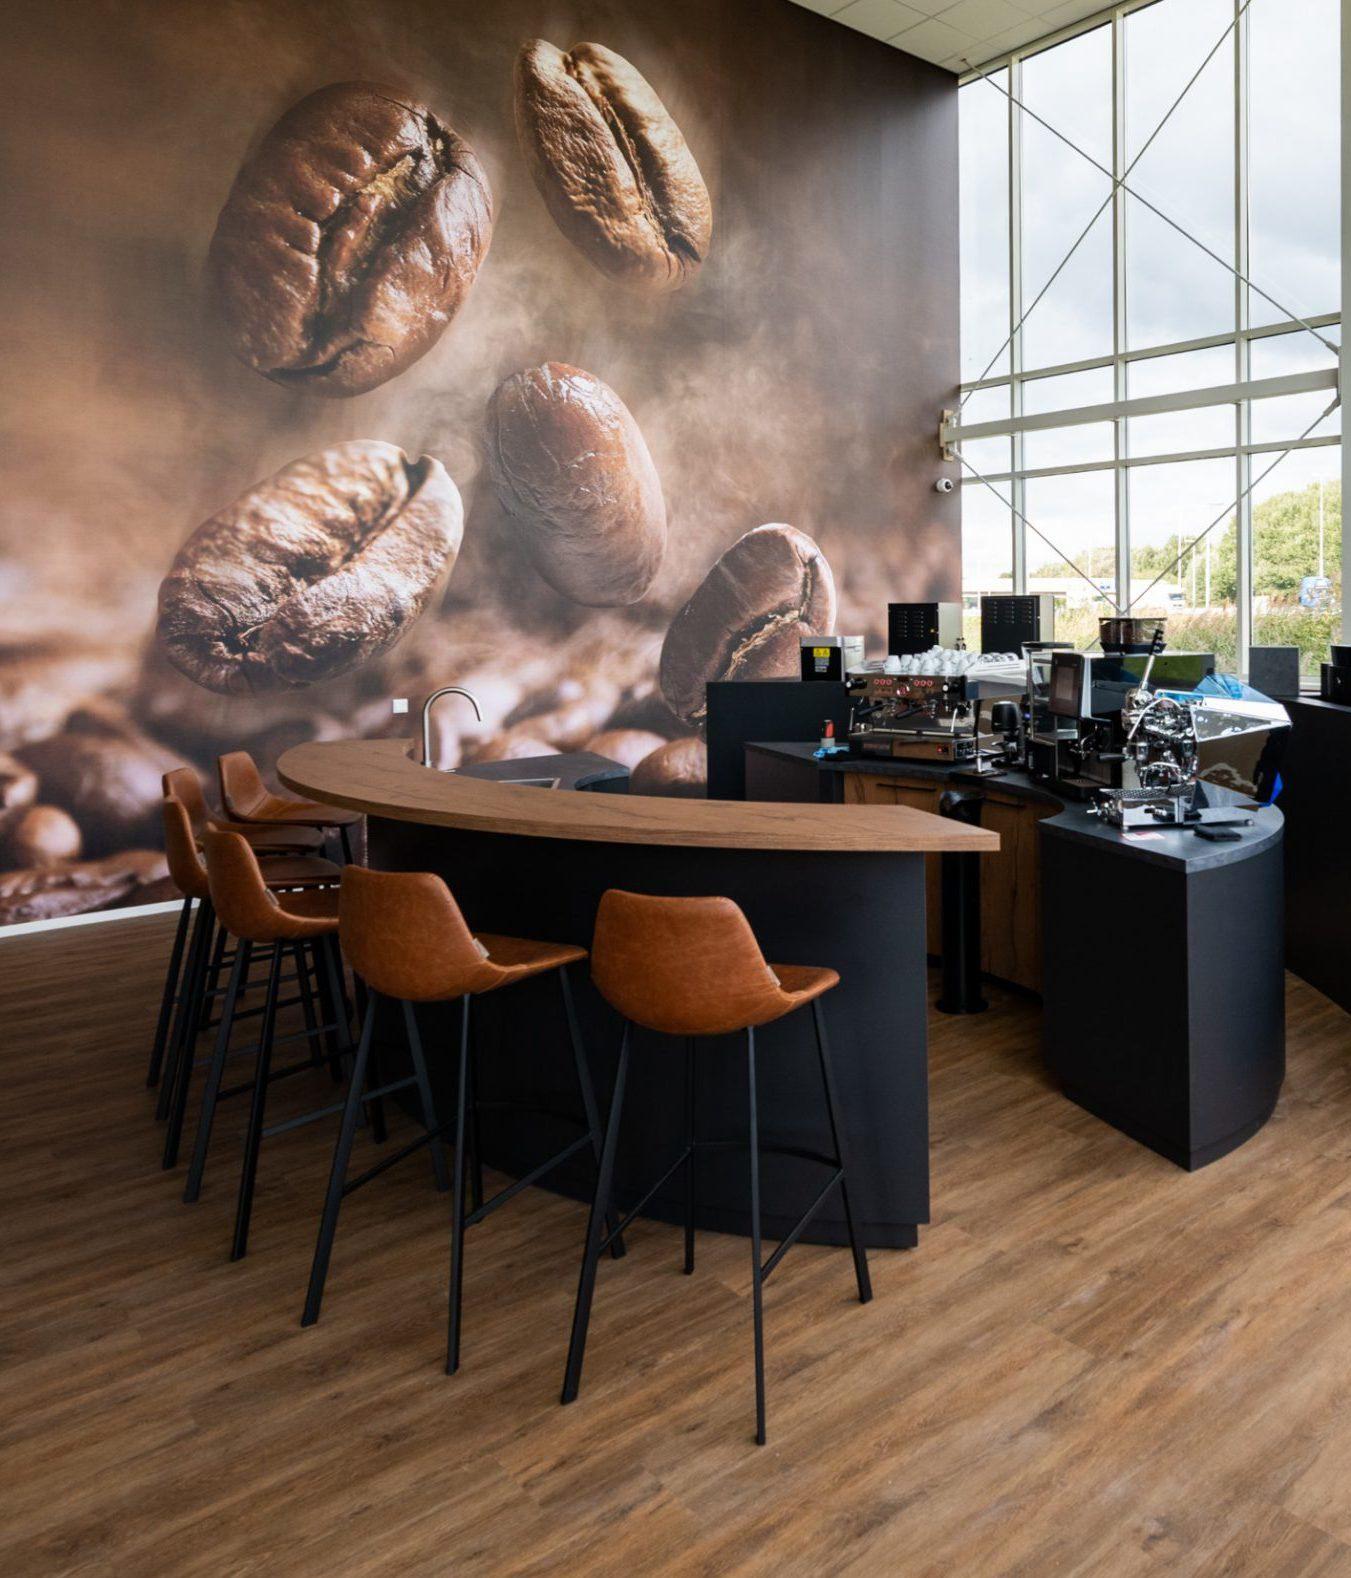 KoffiePartners Experience Center Zwijndrecht